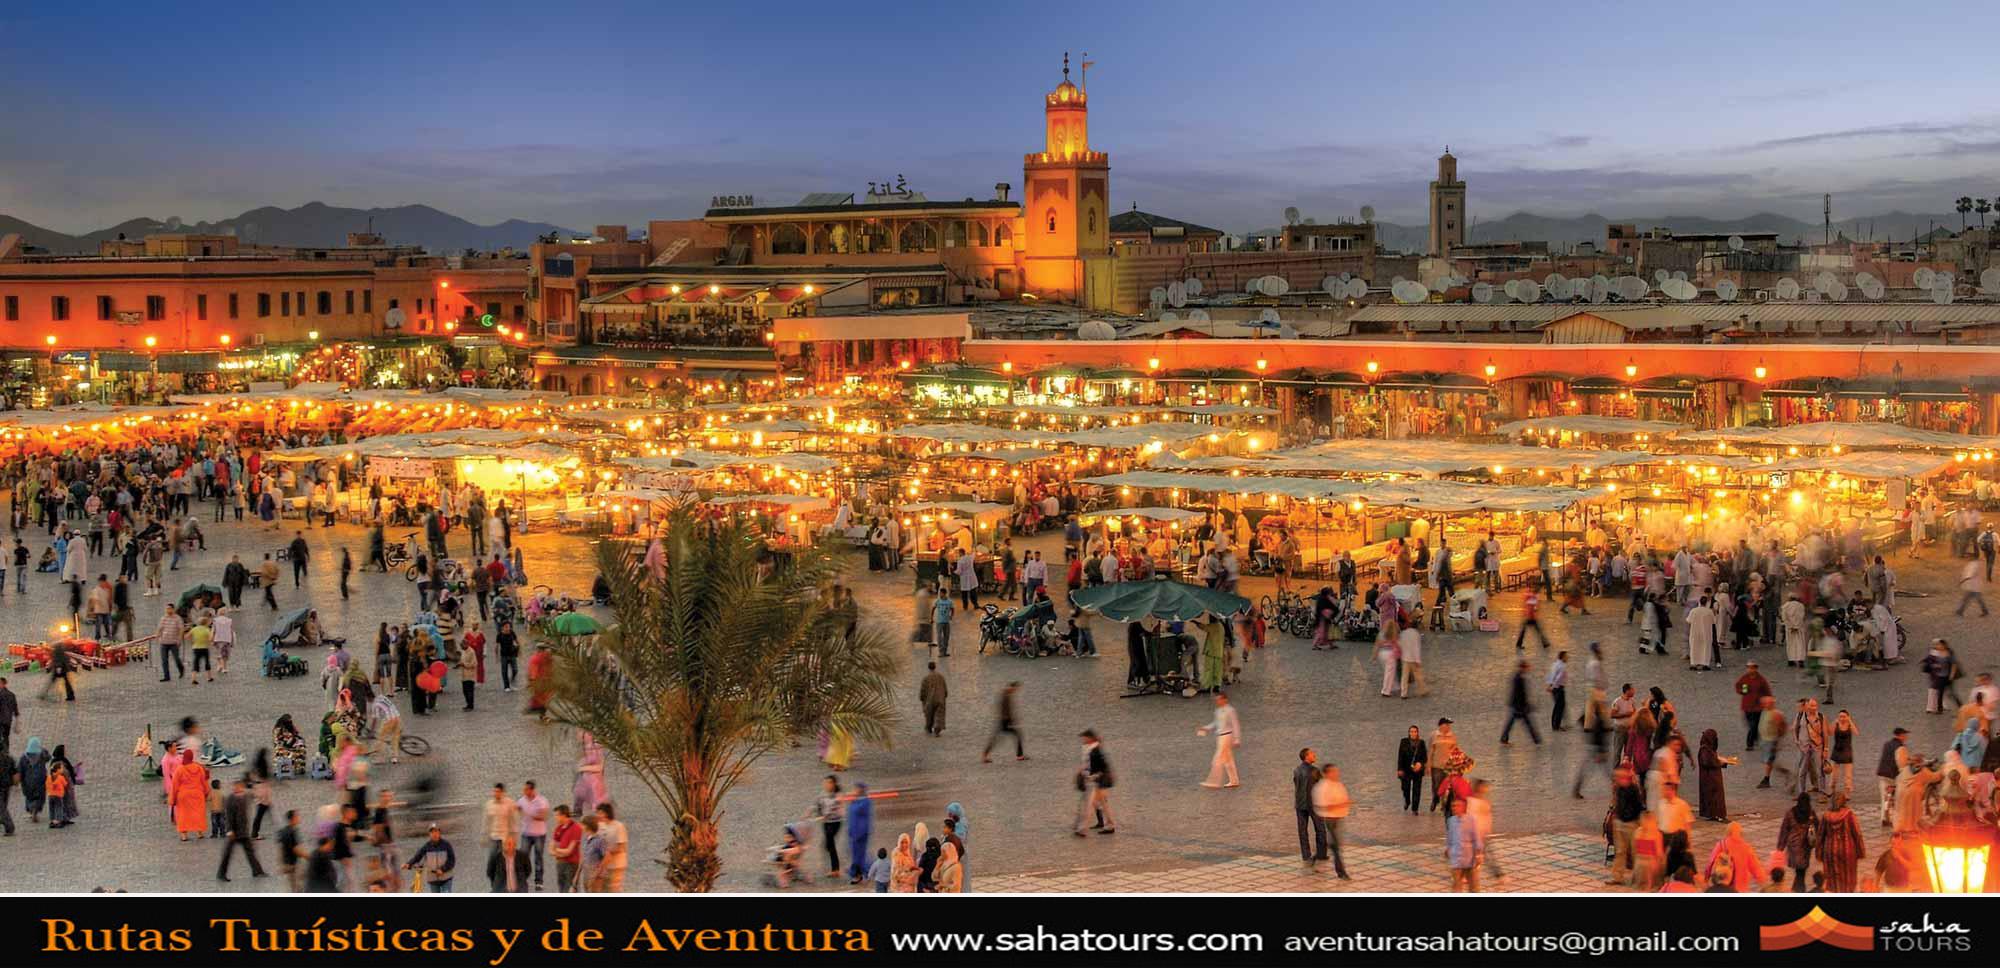 Tu viaje a Marruecos. La Ciudad Roja de Marrakech 2